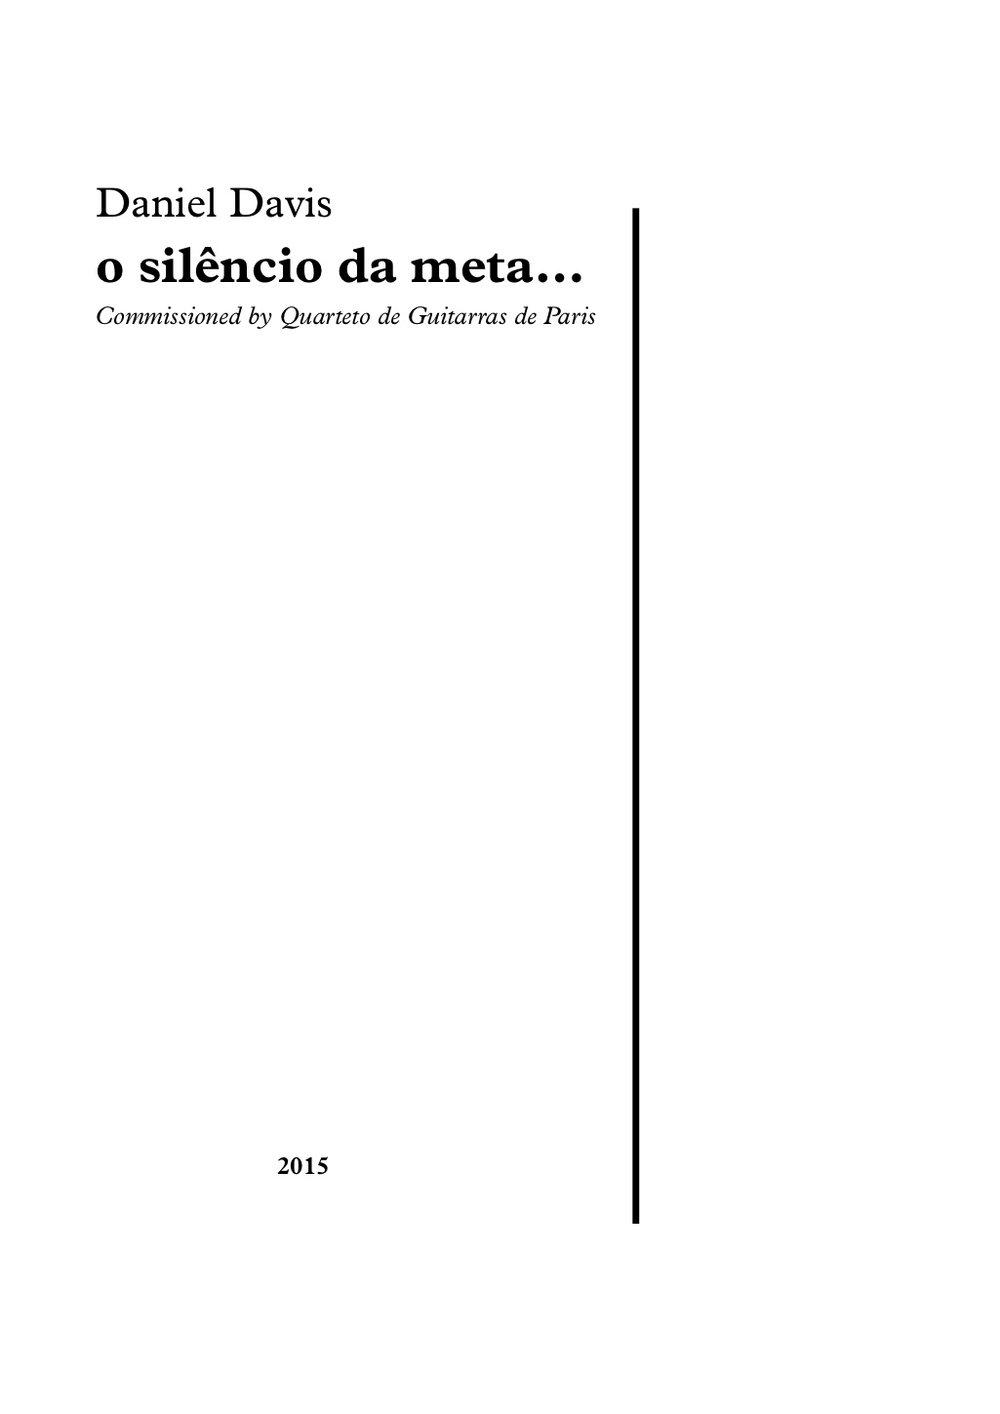 o silêncio da meta... (2015)